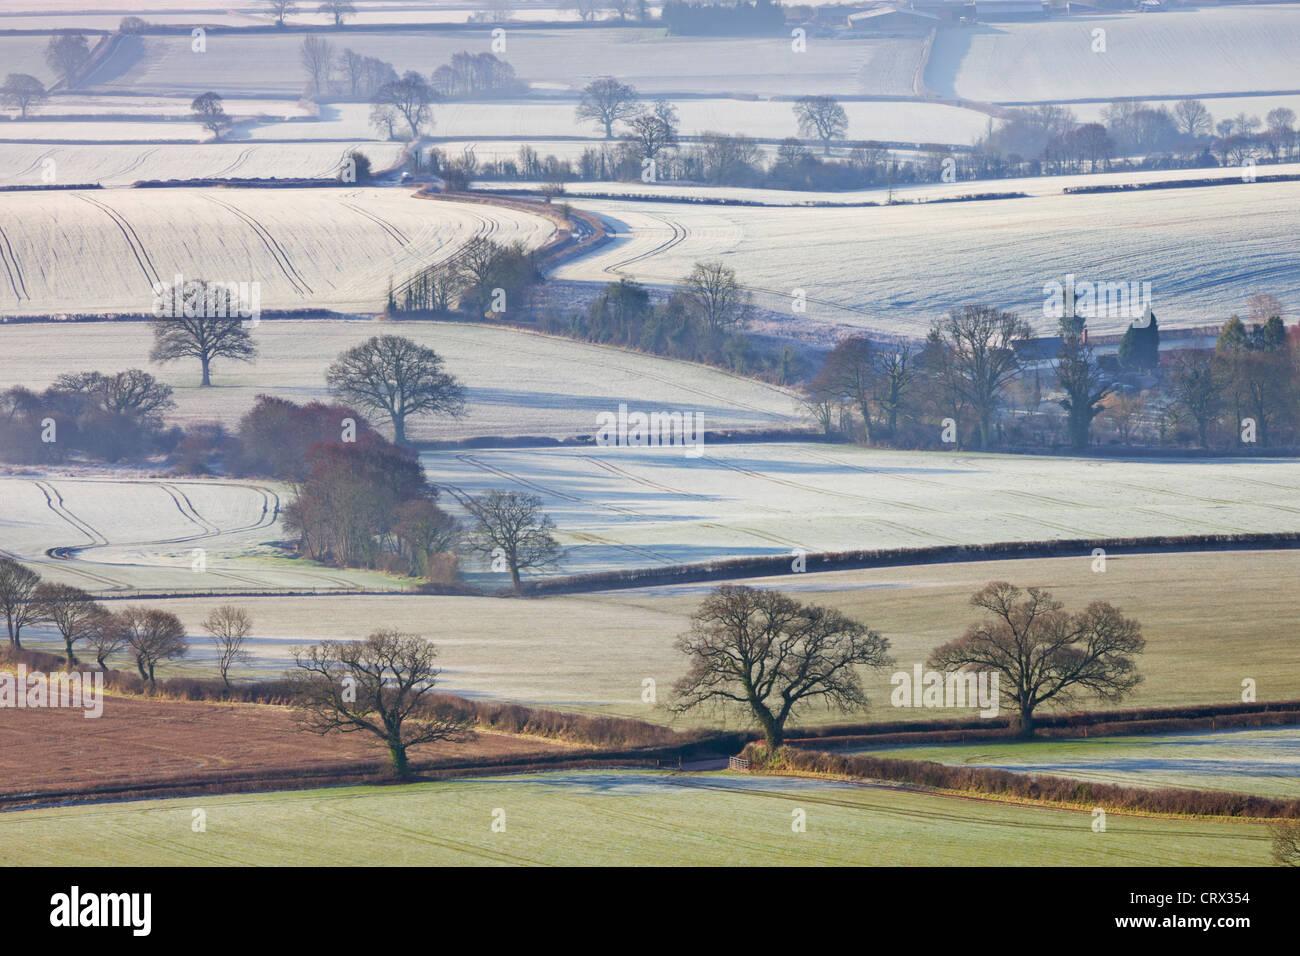 Inverno smerigliato campi nei pressi Shobrooke, Devon, Inghilterra. Inverno (Marzo) 2010. Immagini Stock